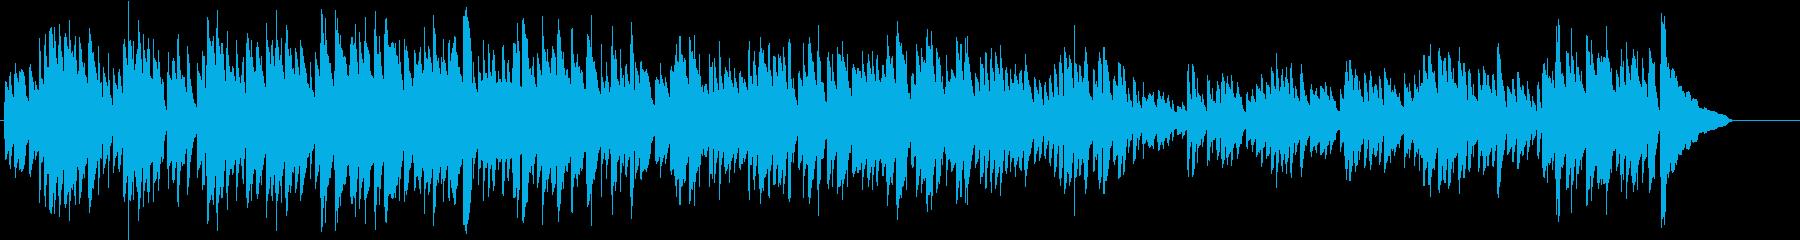 チェンバロの古風な曲バッハインベンションの再生済みの波形